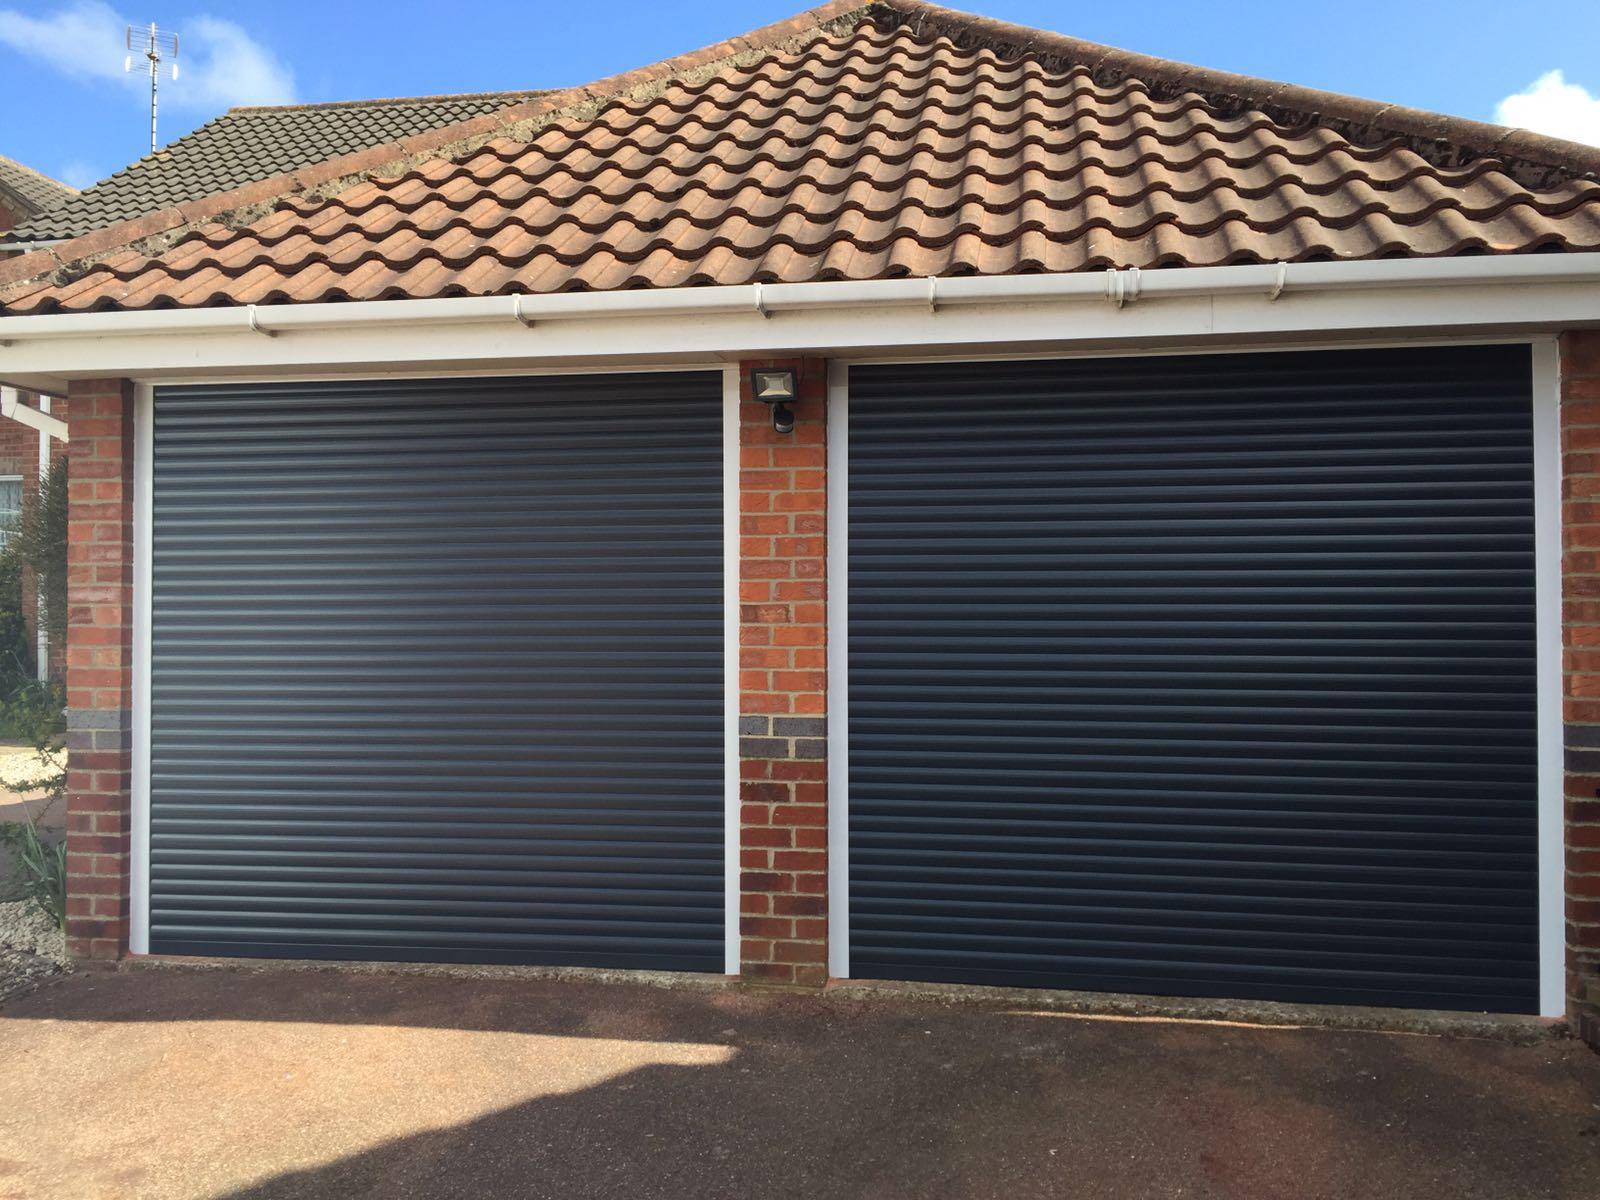 Garage door repair willson 2017 lion garage door nc for Garage door troubleshoot